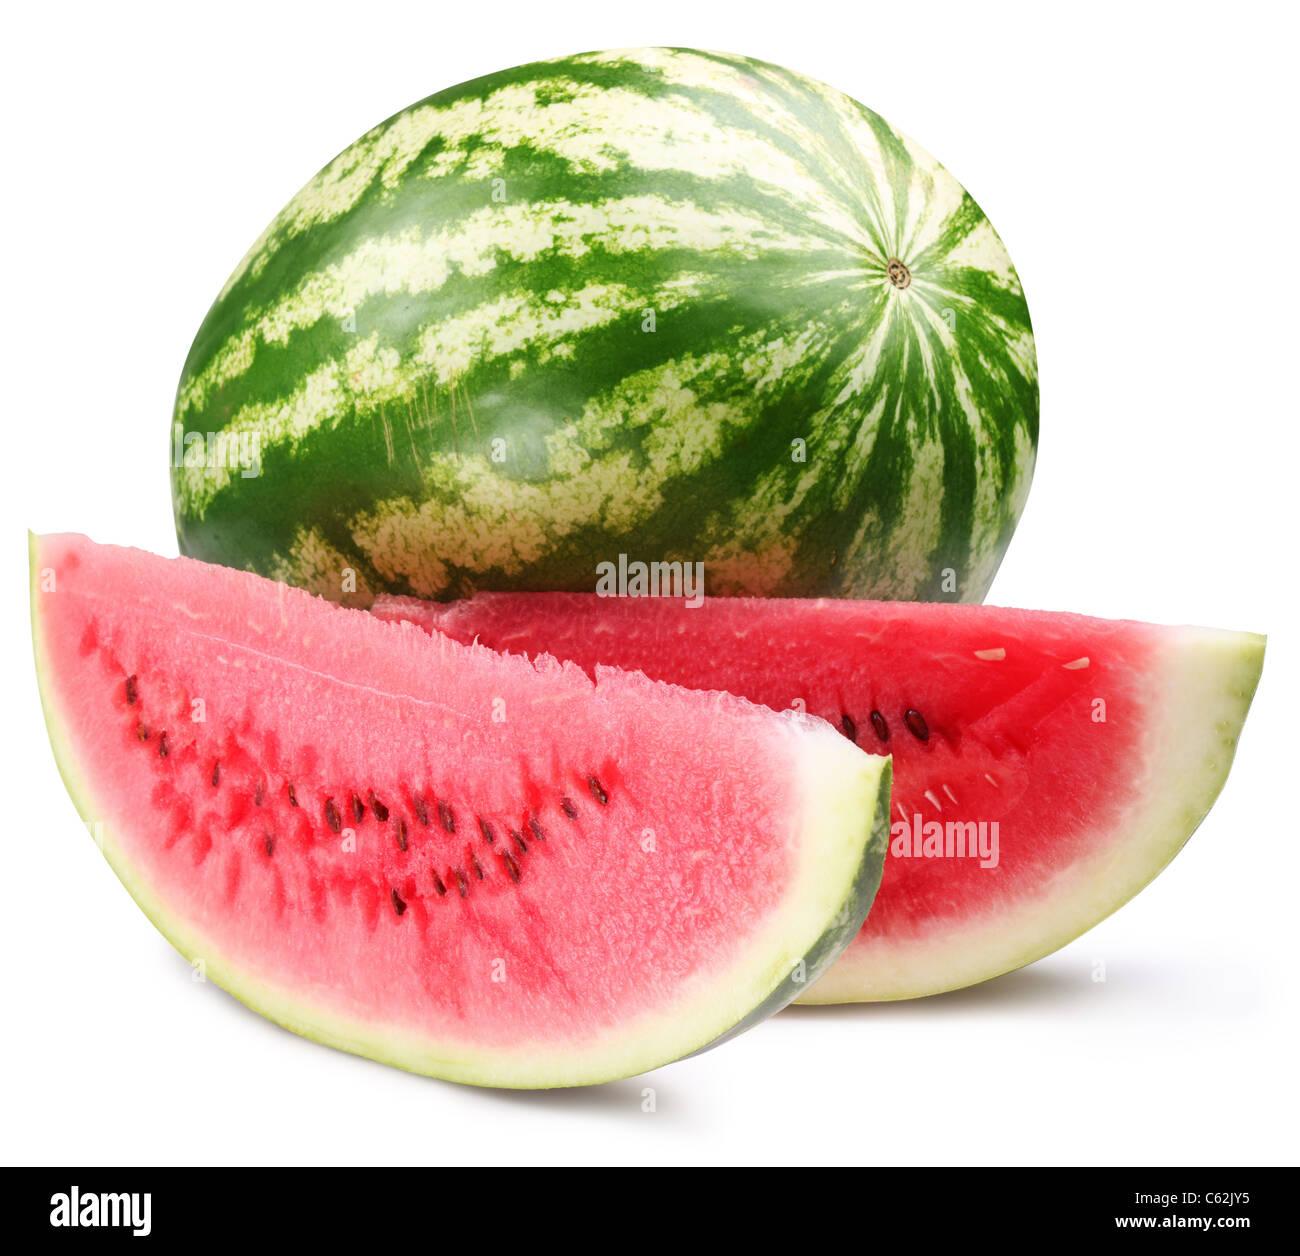 Avec des tranches de melon d'isolé sur fond blanc. Le fichier contient un chemin d'accès à Photo Stock